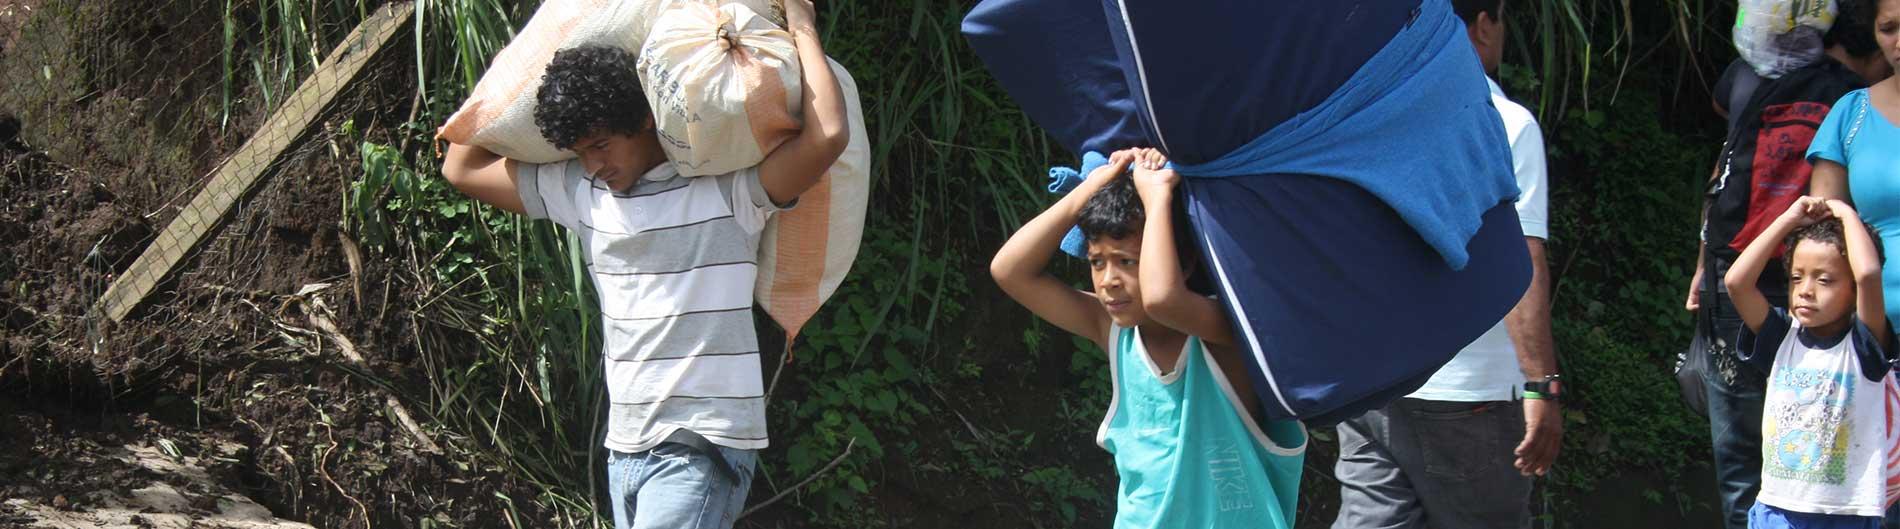 coronavirus emergencia tormentas amelia cristobal el salvador ayuda cesal